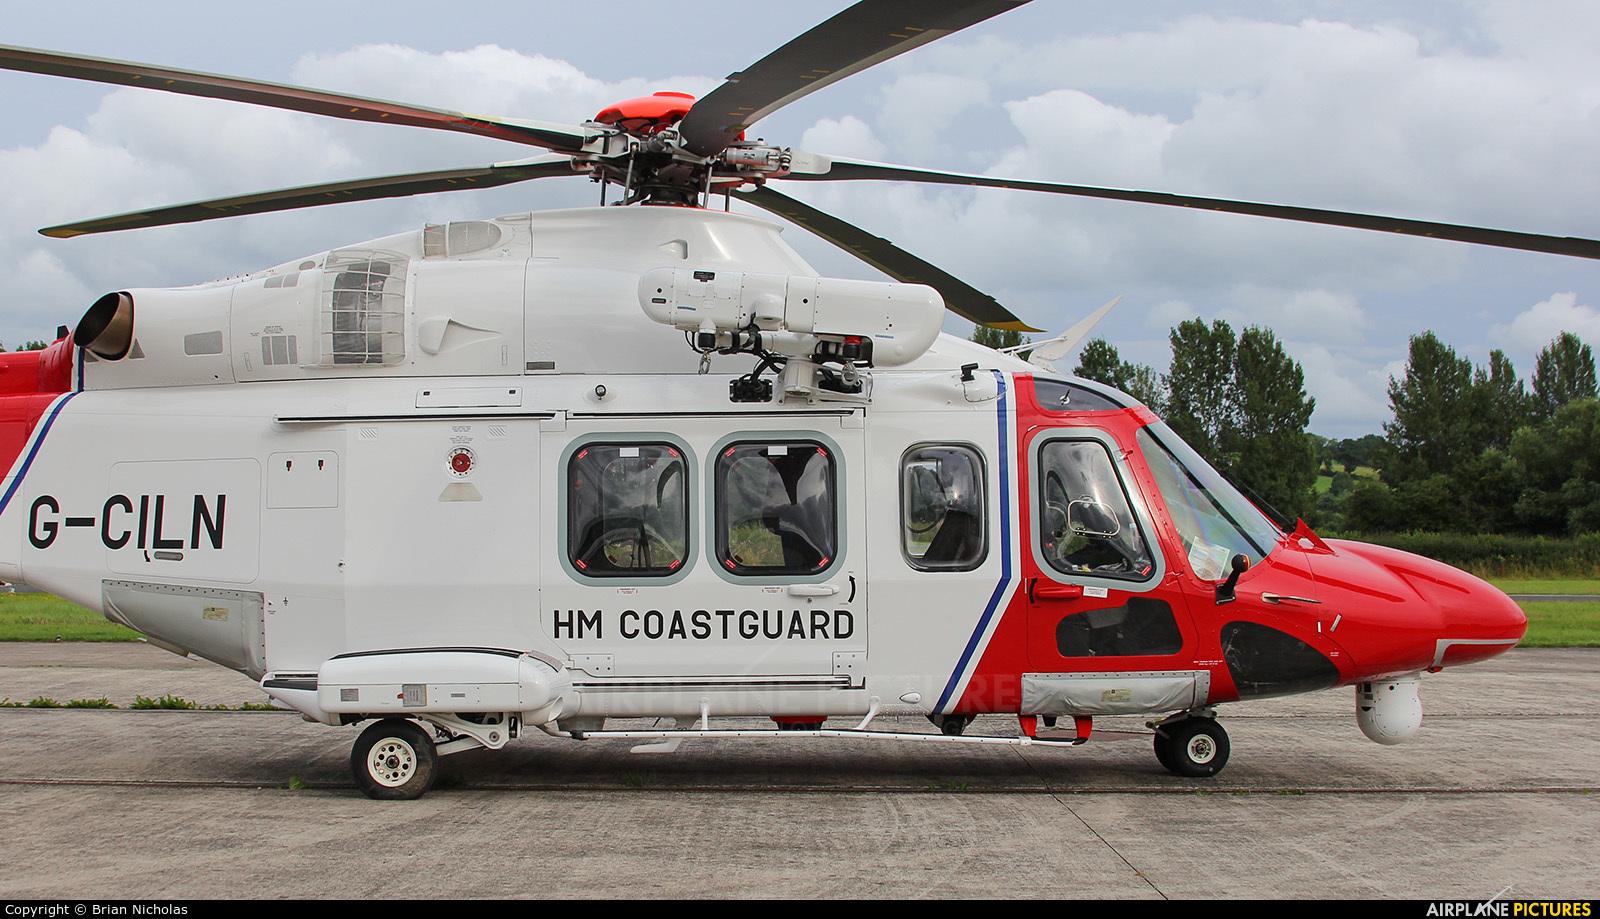 UK - Coastguard G-CILN aircraft at Welshpool